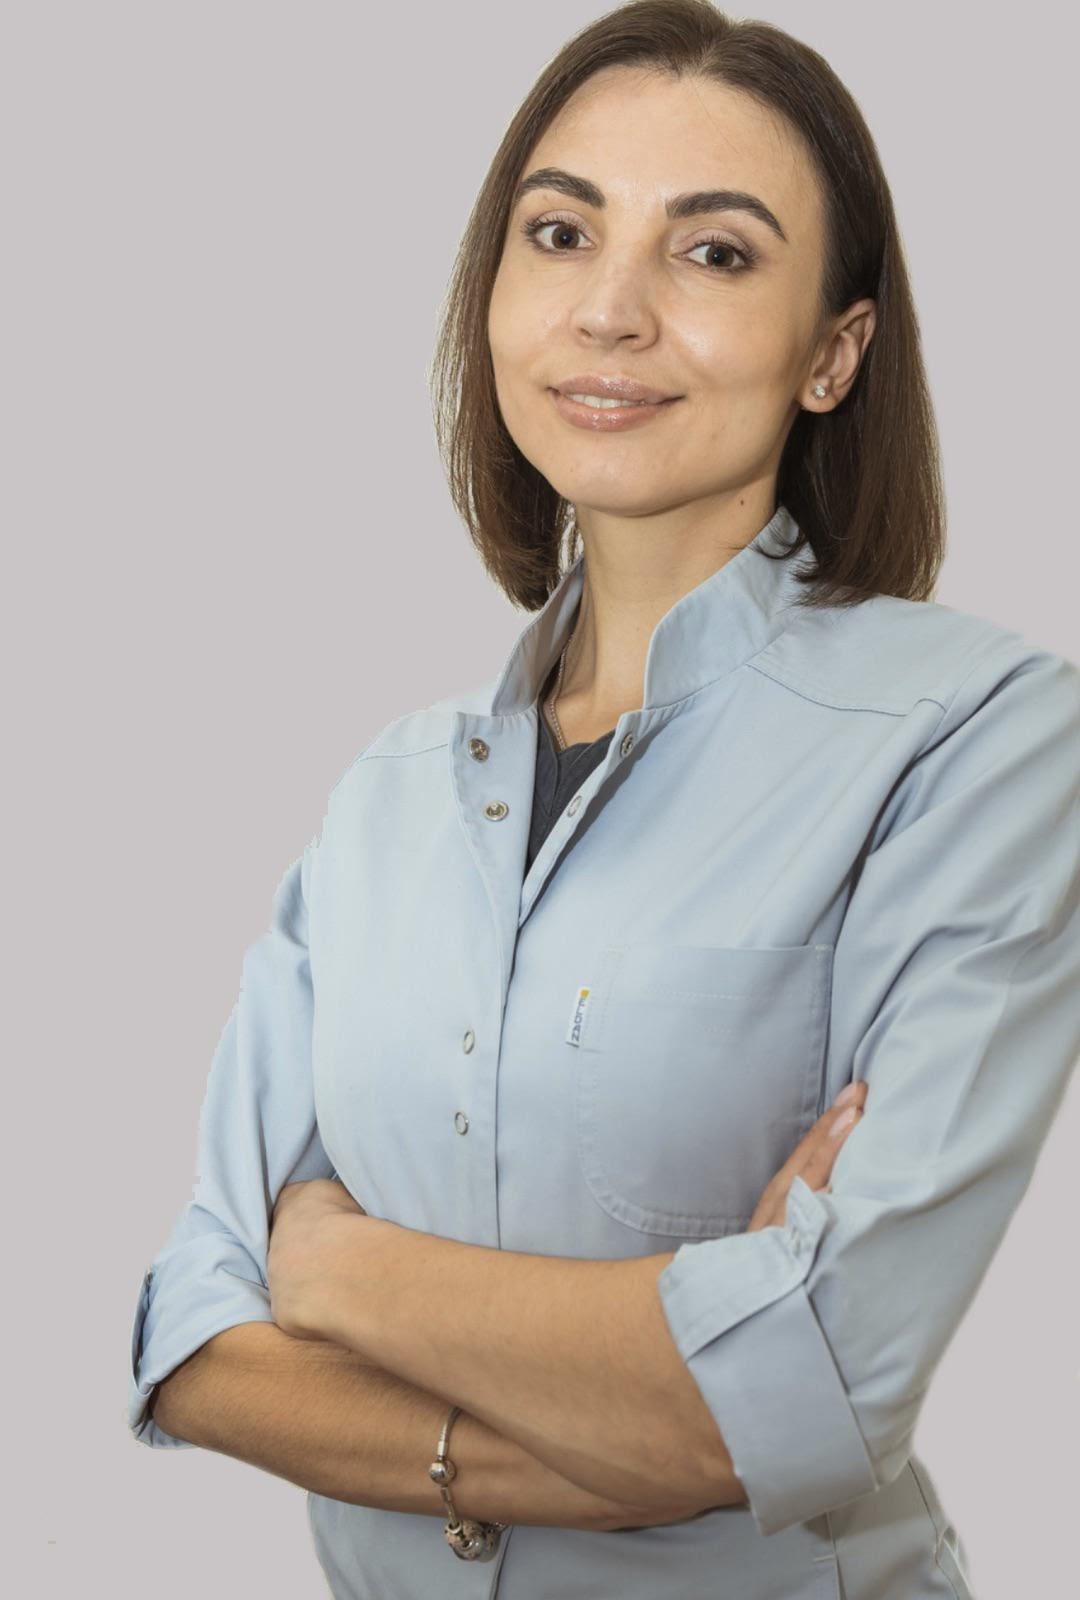 Стигар Мирослава Вікторівна.